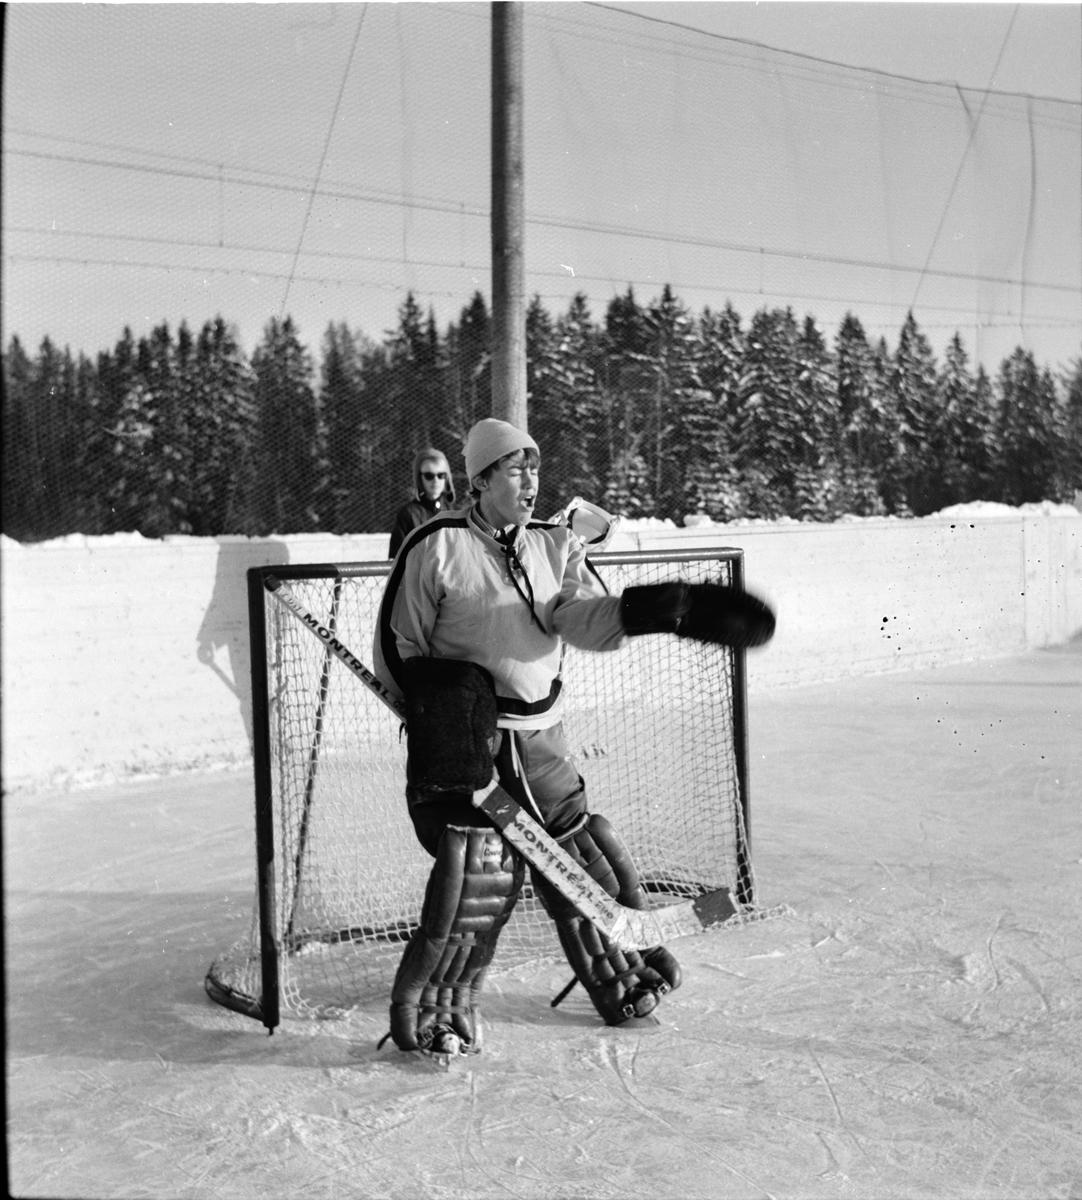 Arbrå, Sportlovet, Februari 1969